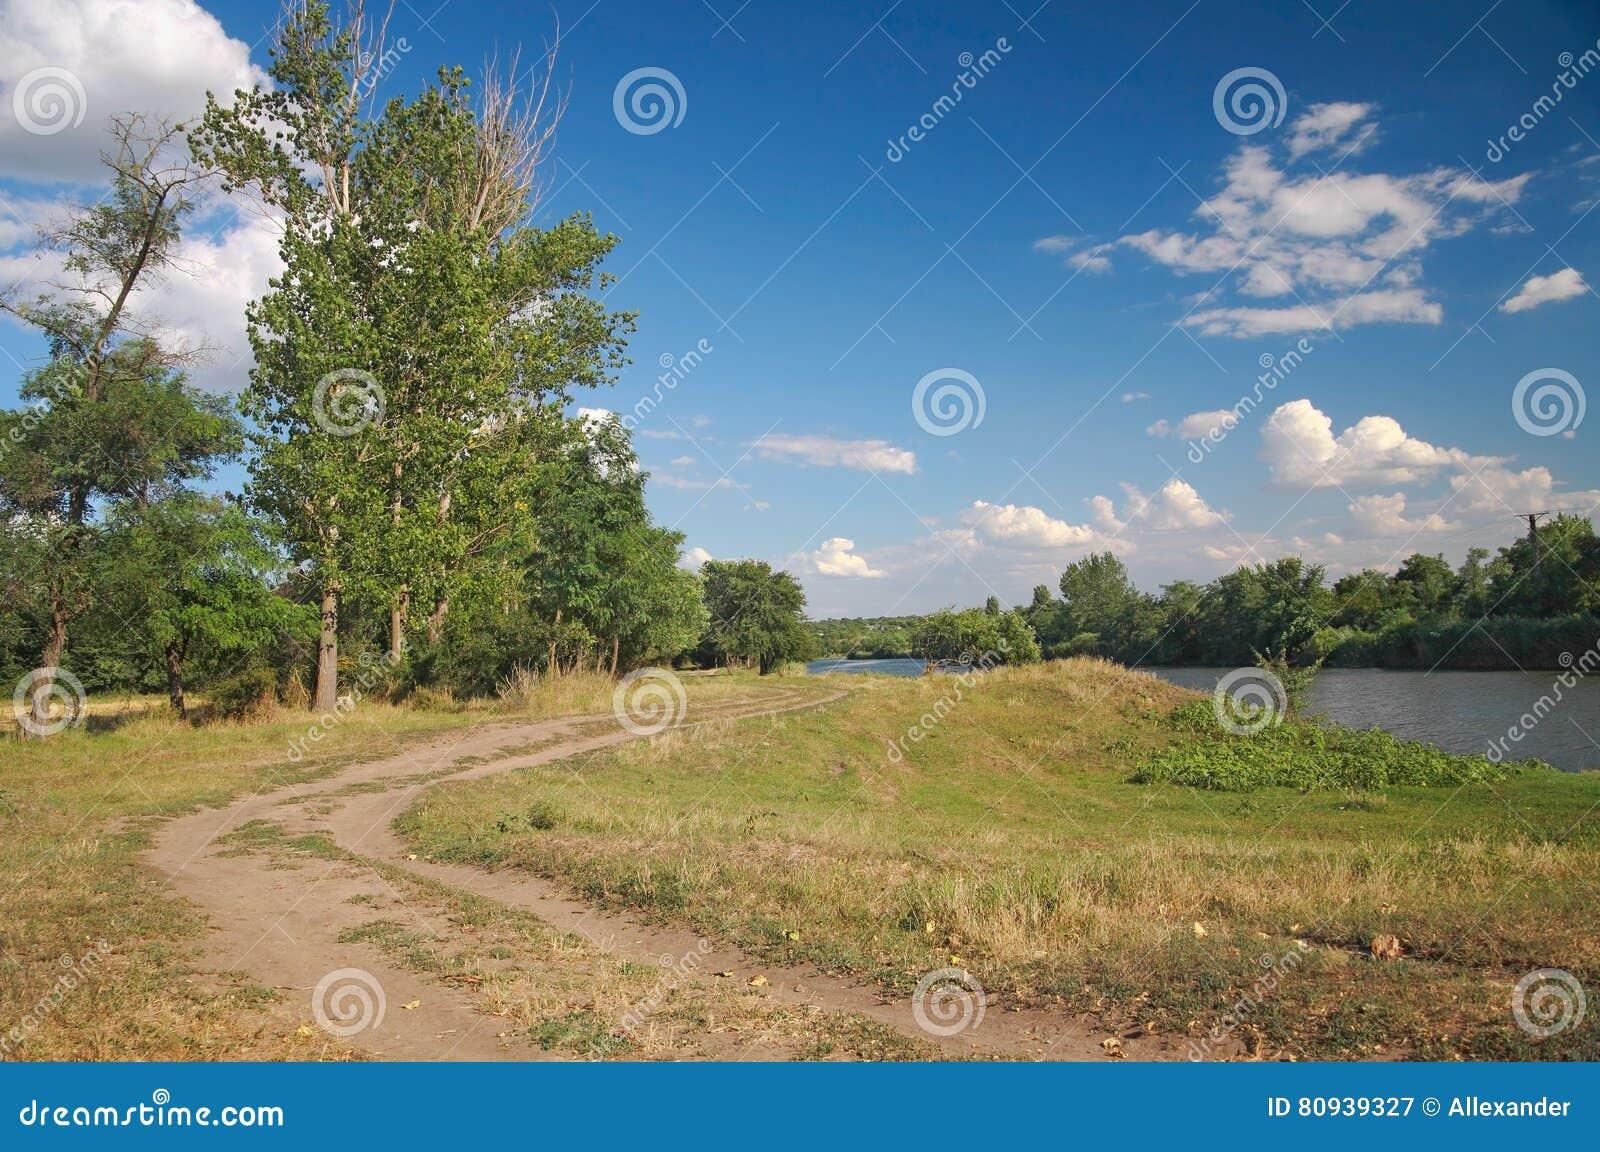 Horizontal rural